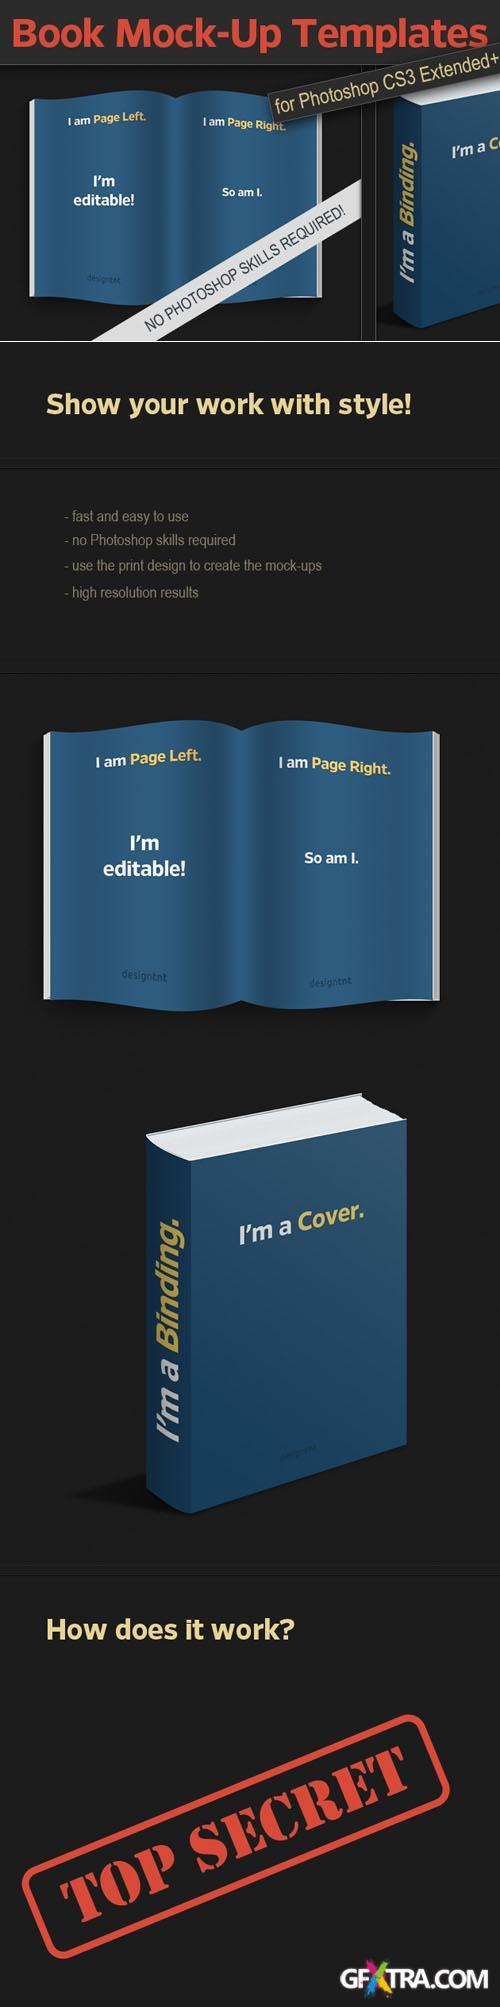 Designtnt - Photo-realistic Book PS Mock-ups